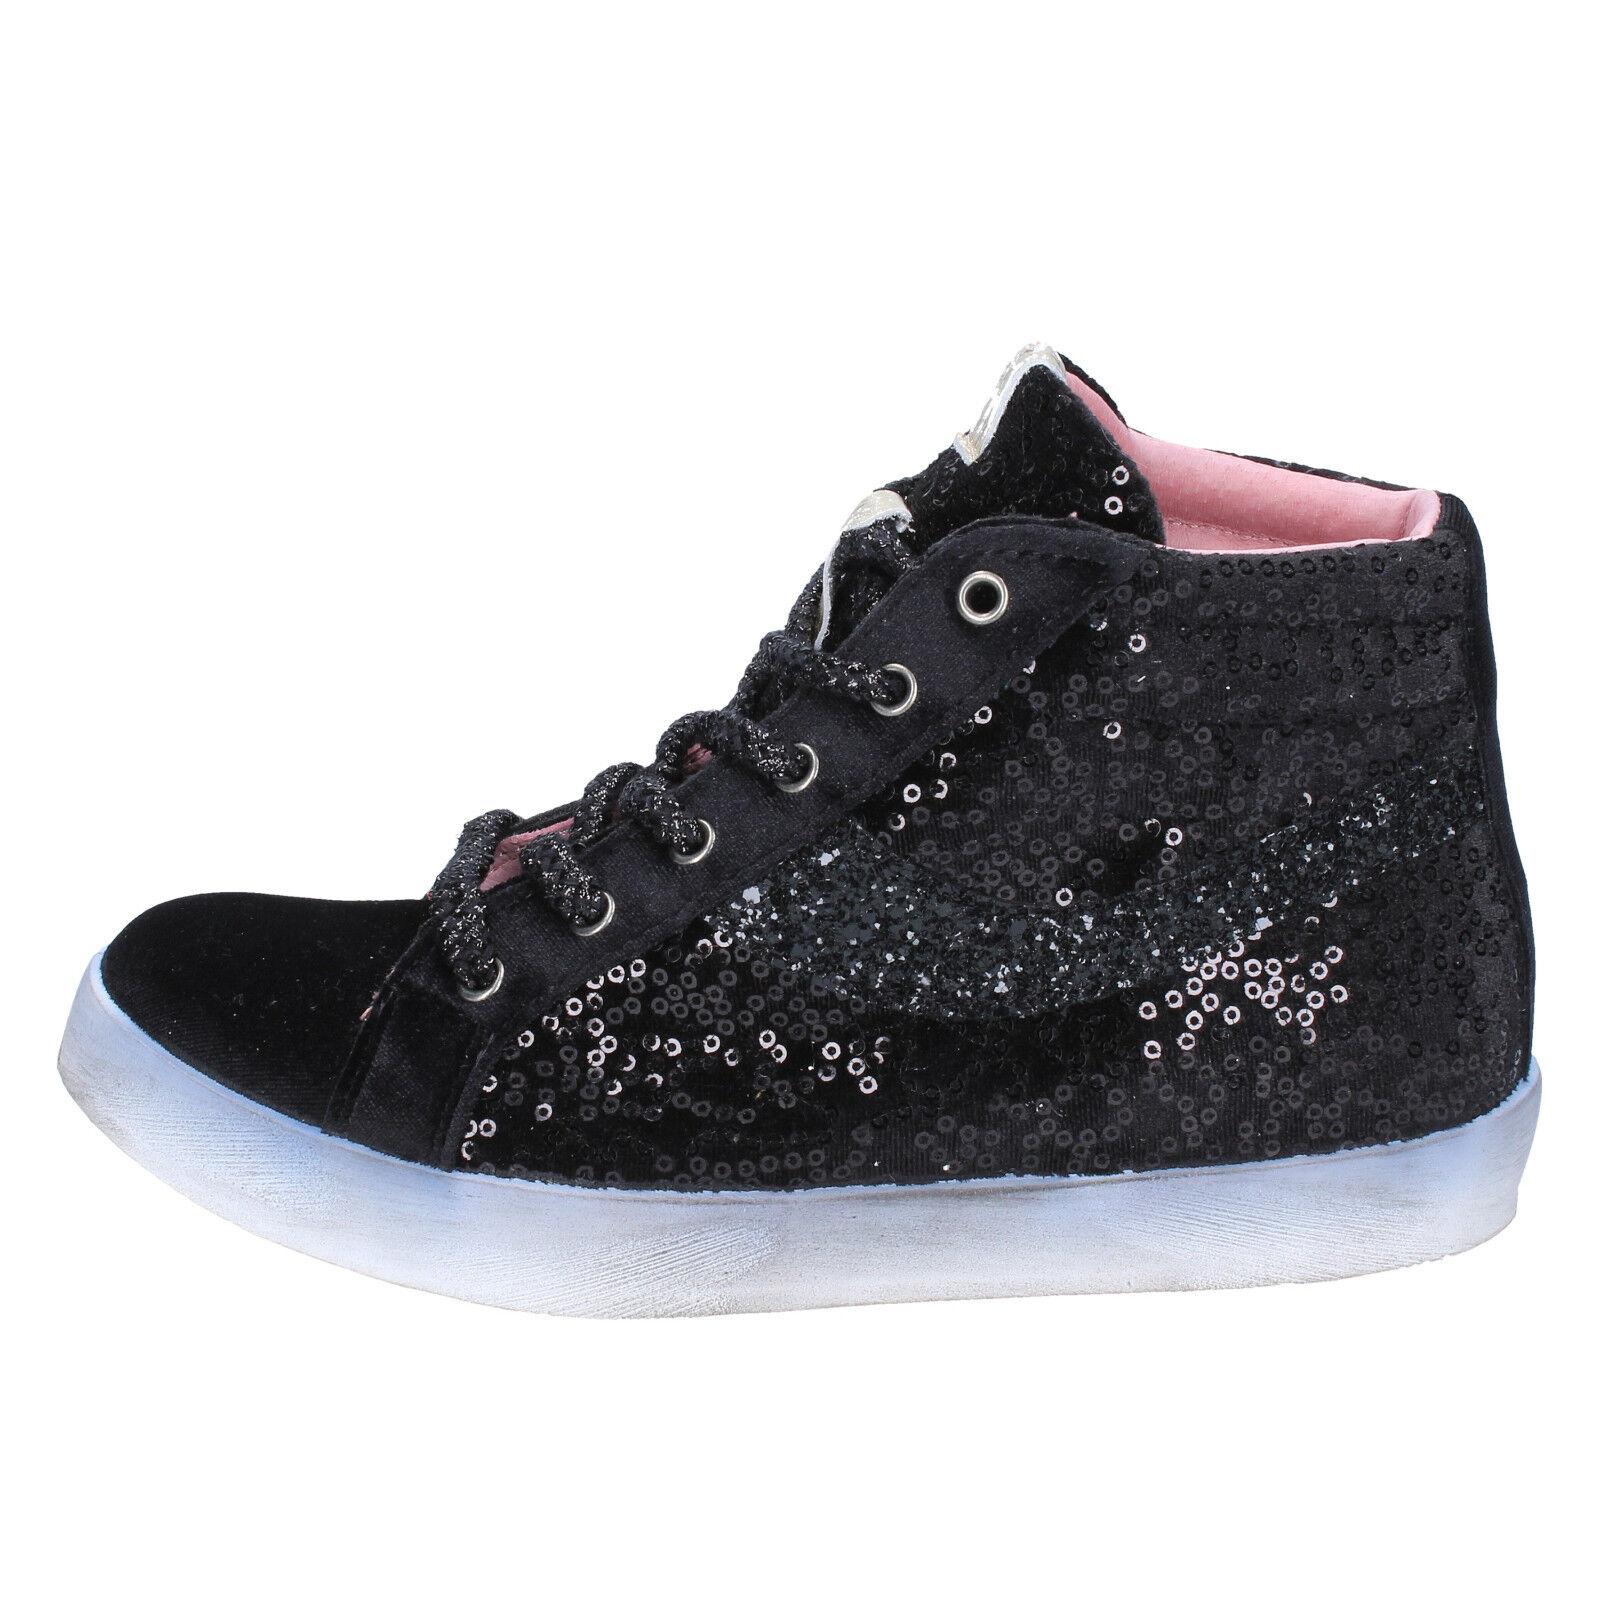 Donna FIORI DI PICCHE velluto 39 EU scarpe da da da ginnastica nero ... b51930